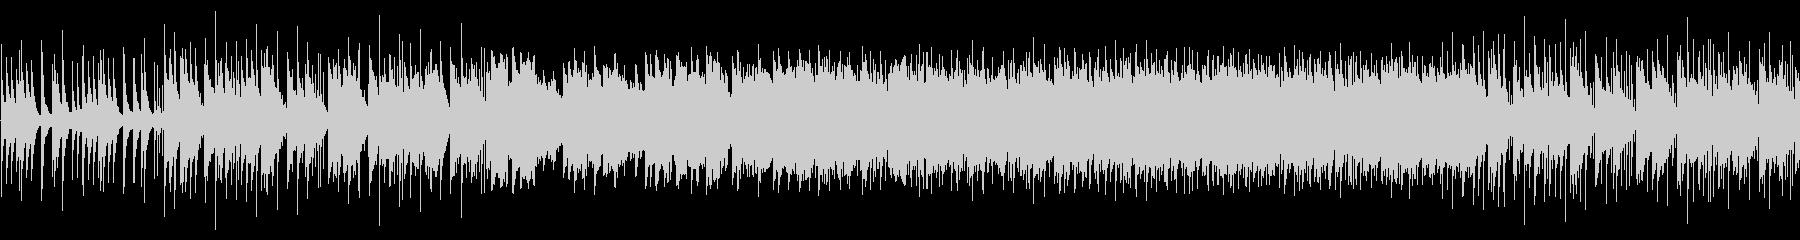 ファンタジーな森のBGMの未再生の波形